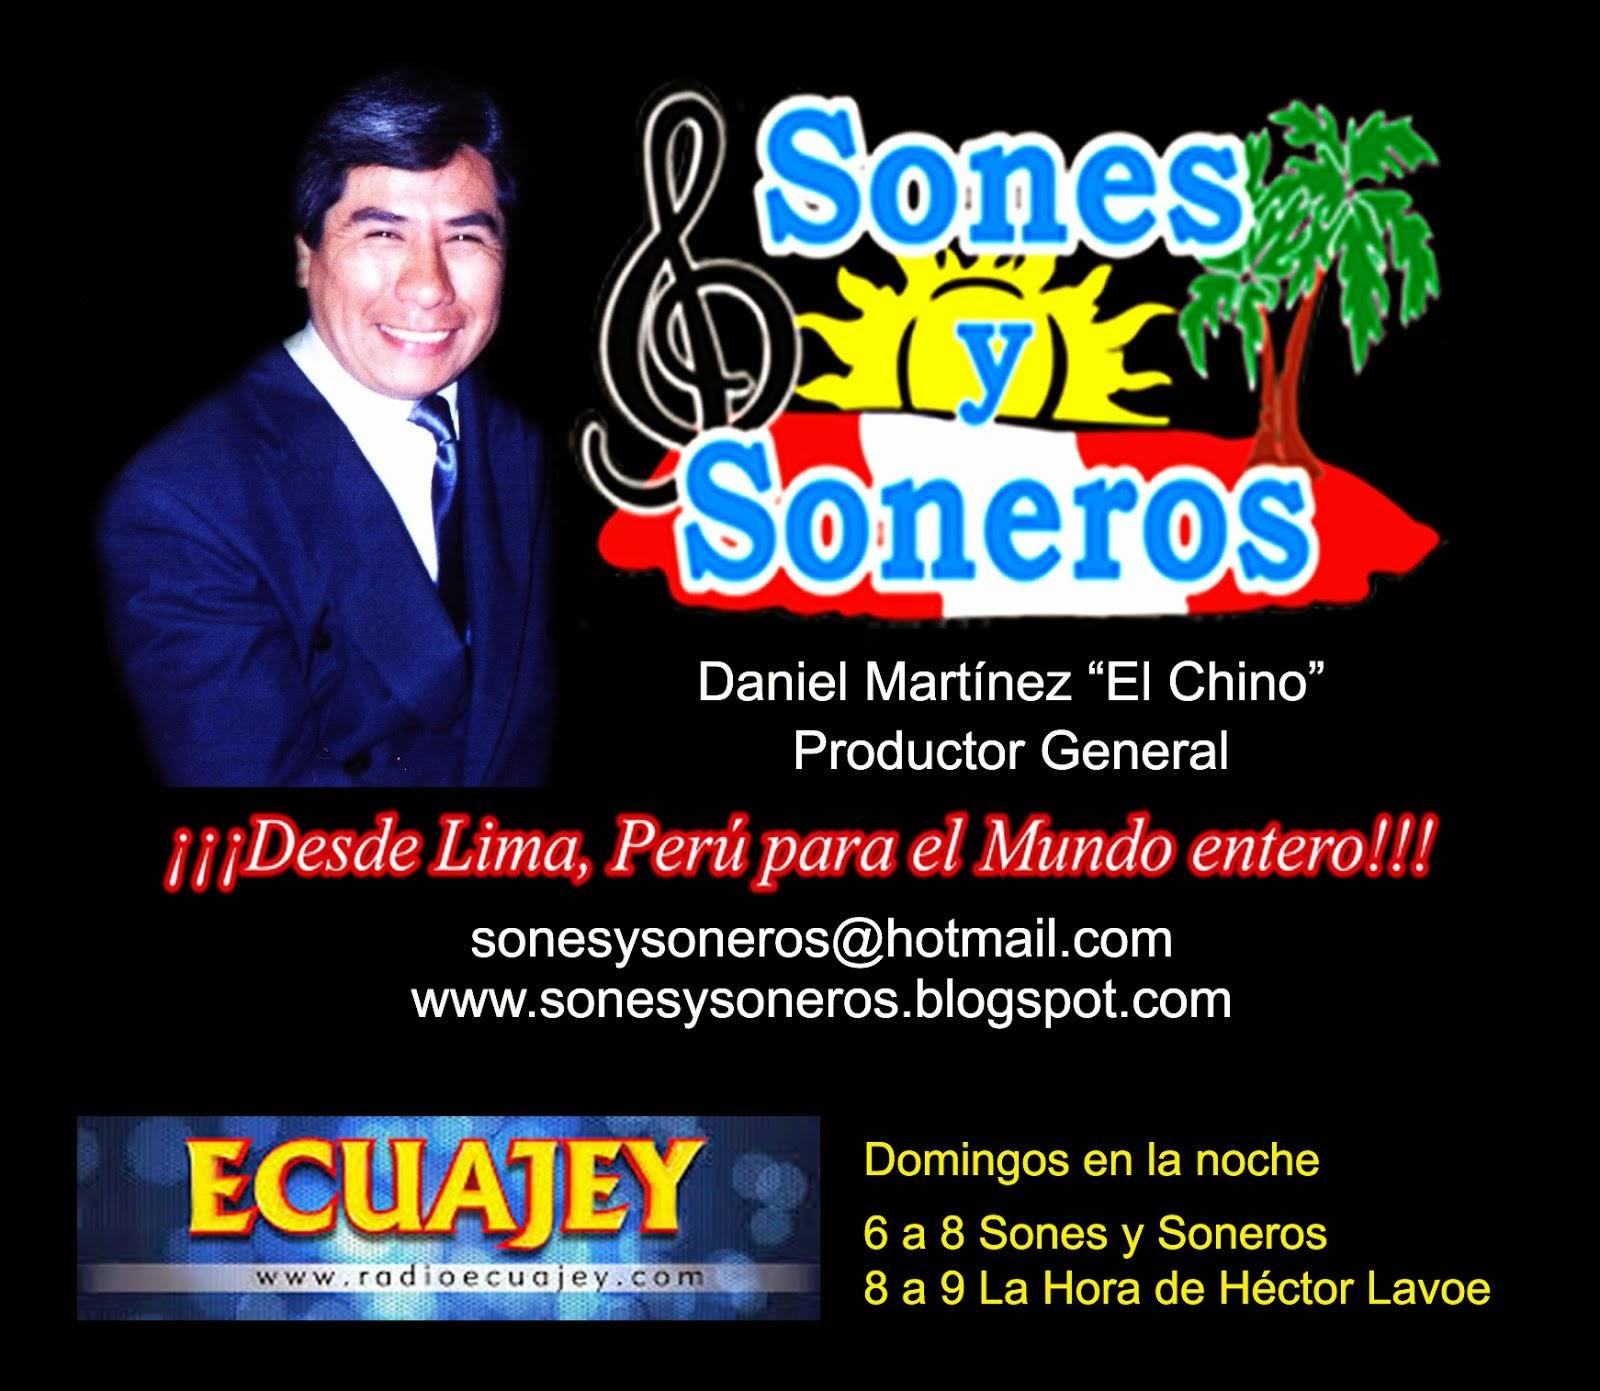 """Sones y Soneros de Daniel Martinez """"El Chino"""""""